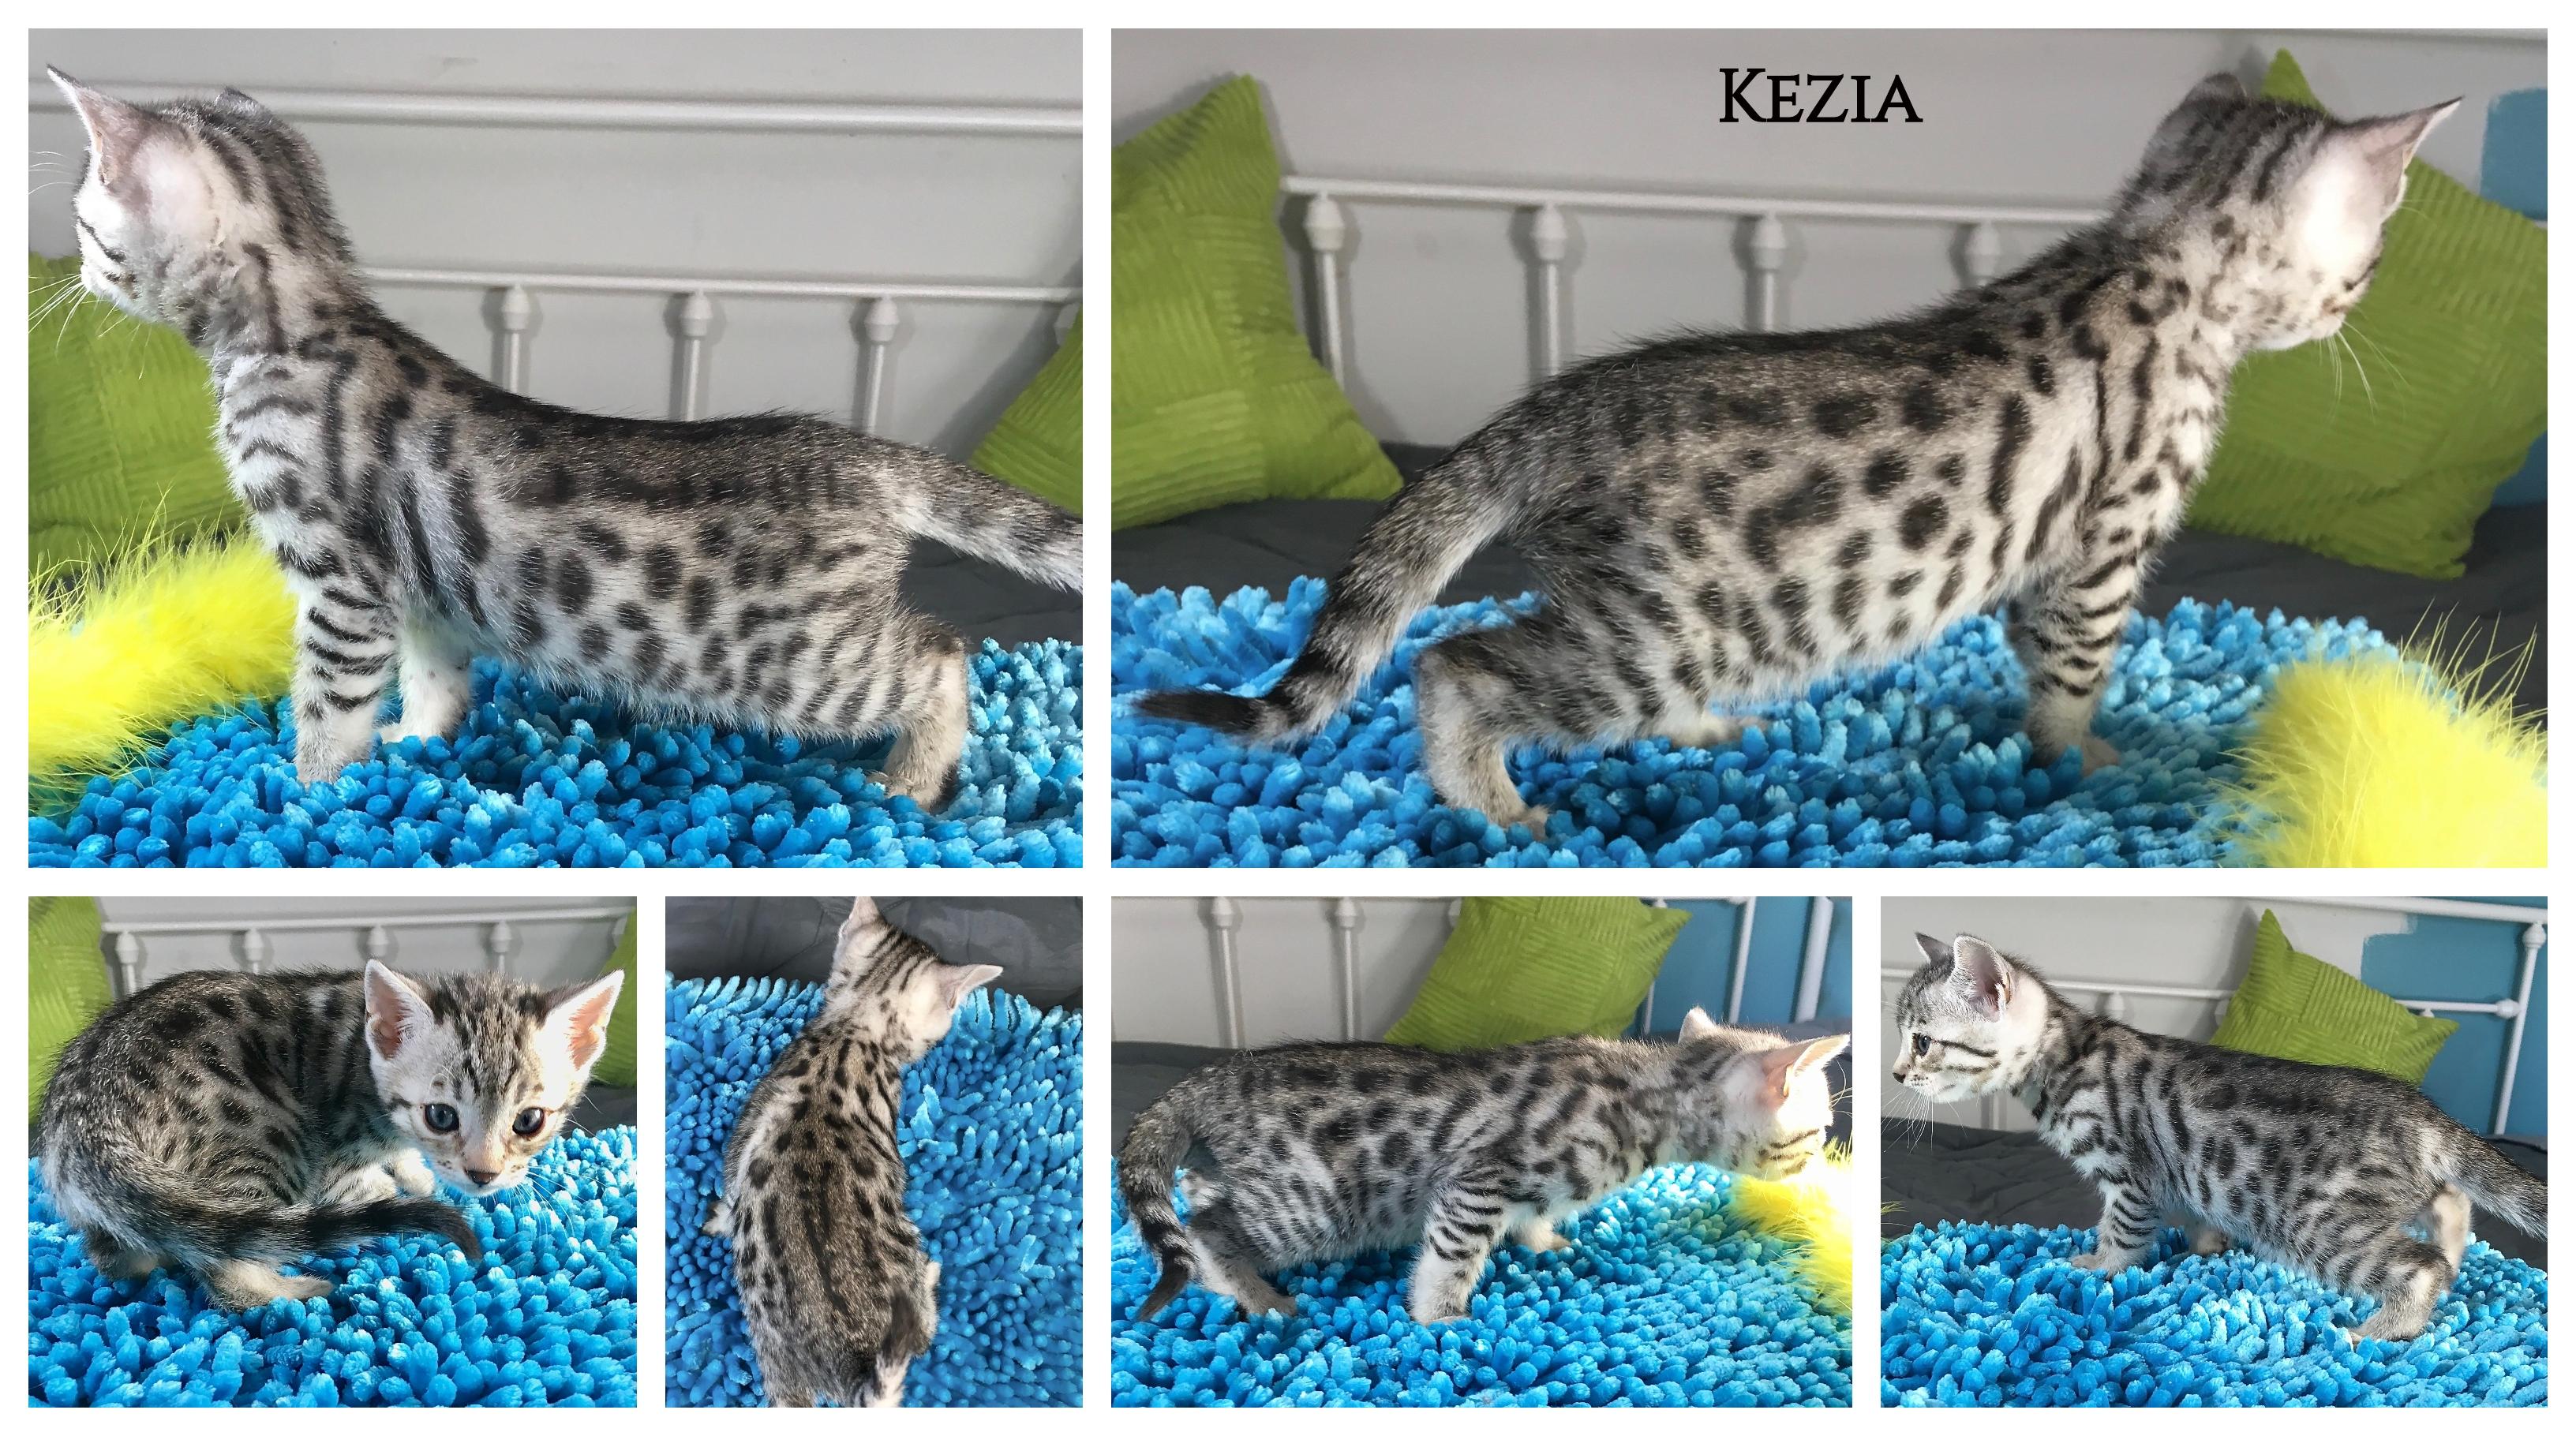 Kezia 6 weeks